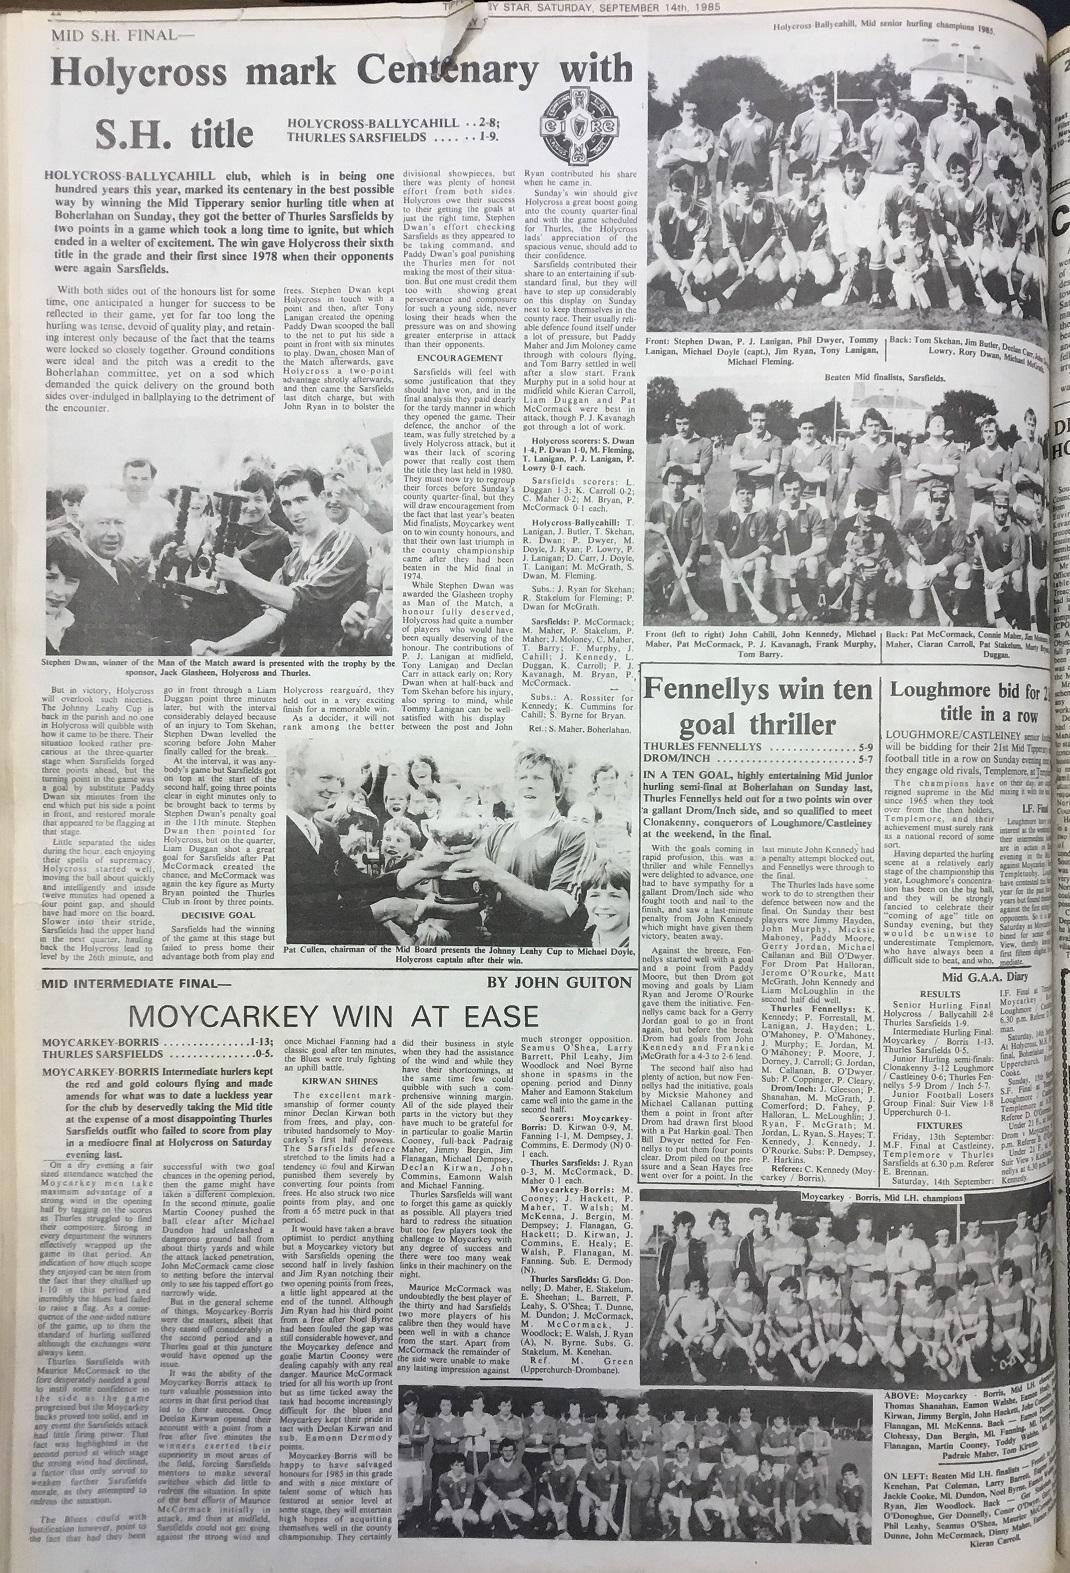 1985 Mid hurling final